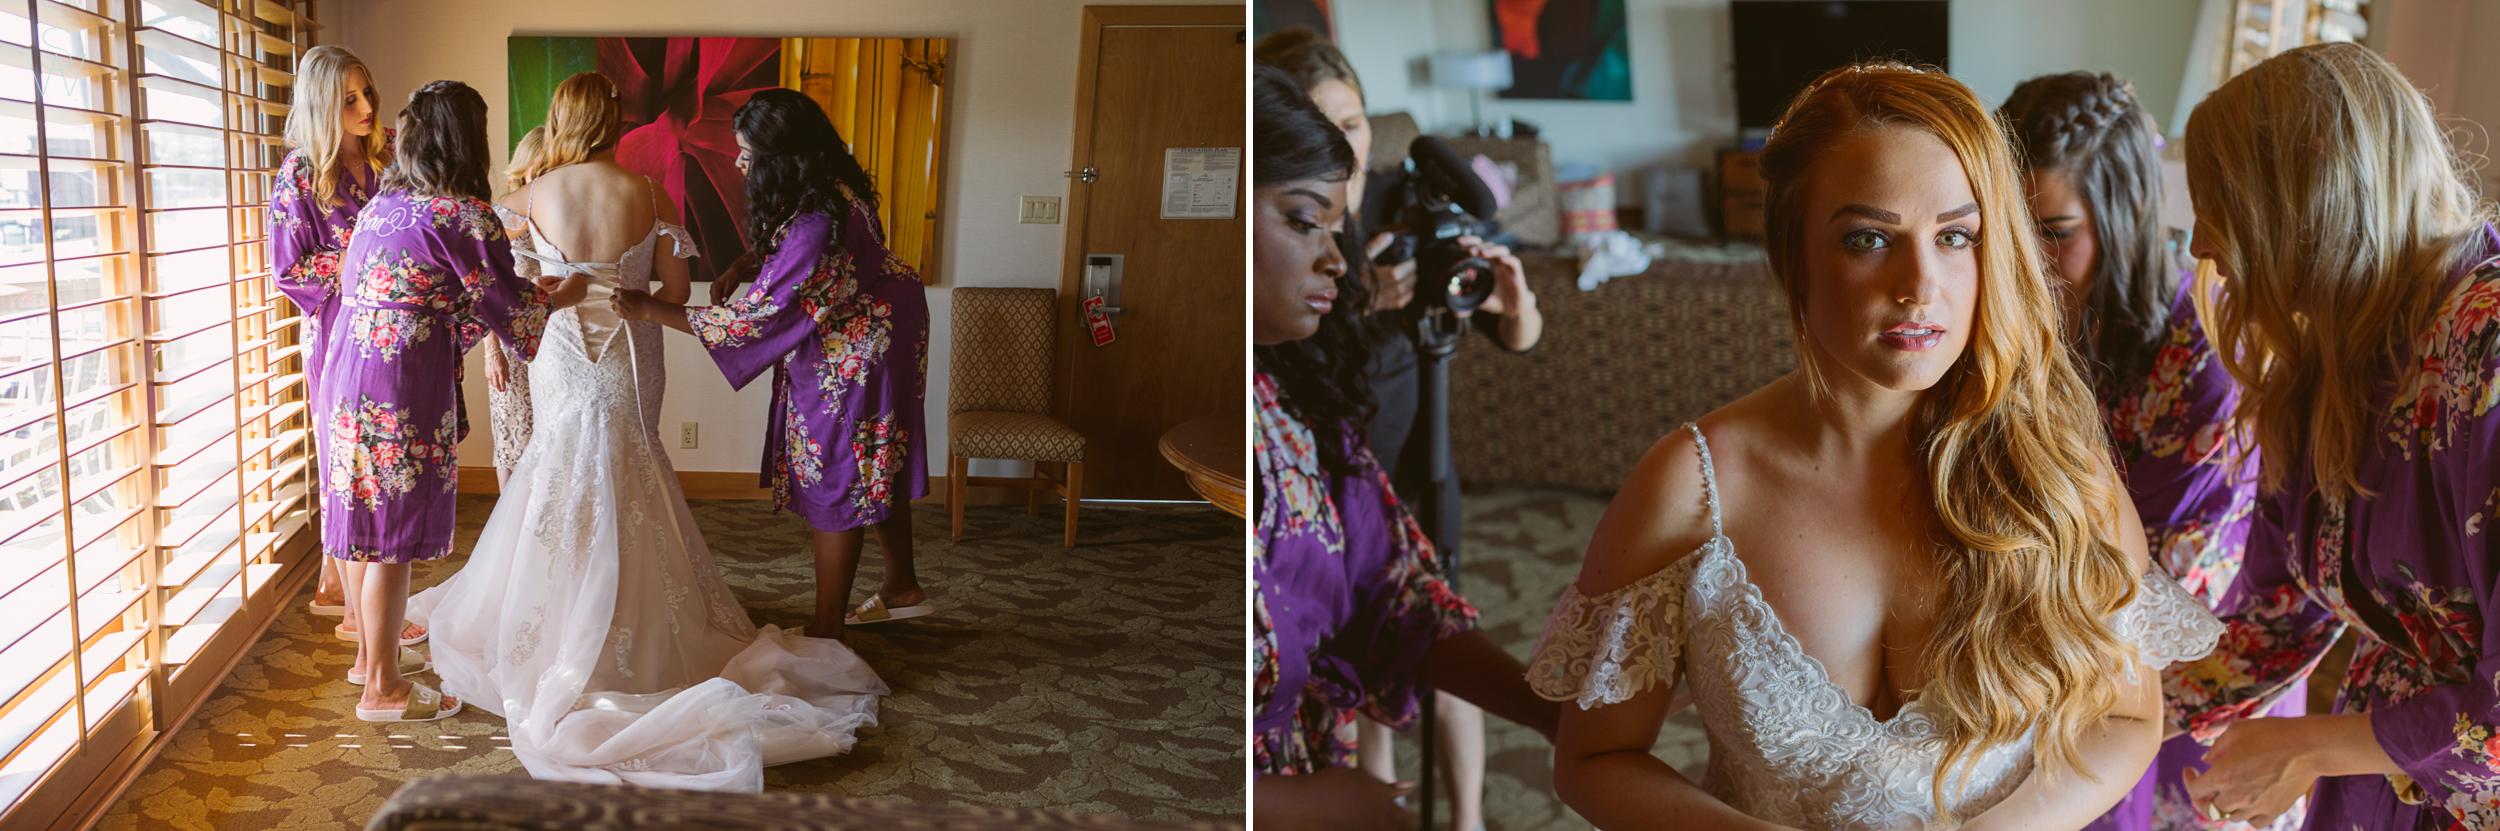 104San.diego.wedding.shewanders.photography.JPG